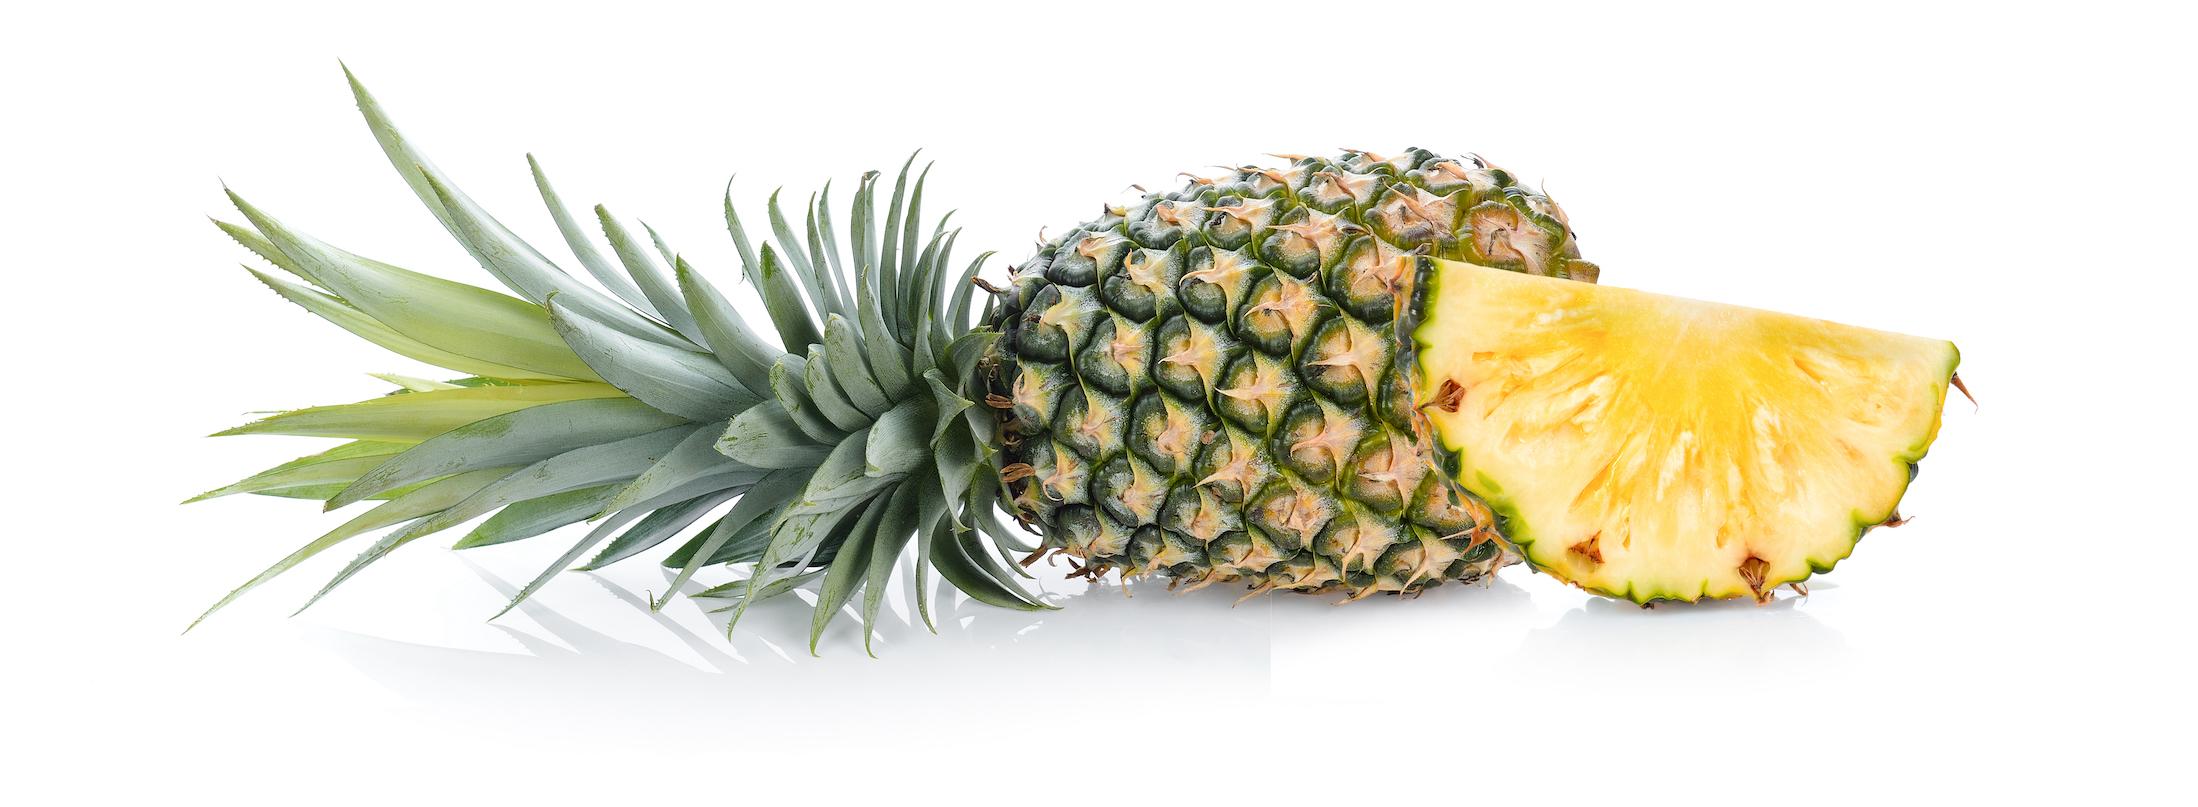 ananas importation fruits exotiques La Ferme de la Métairie